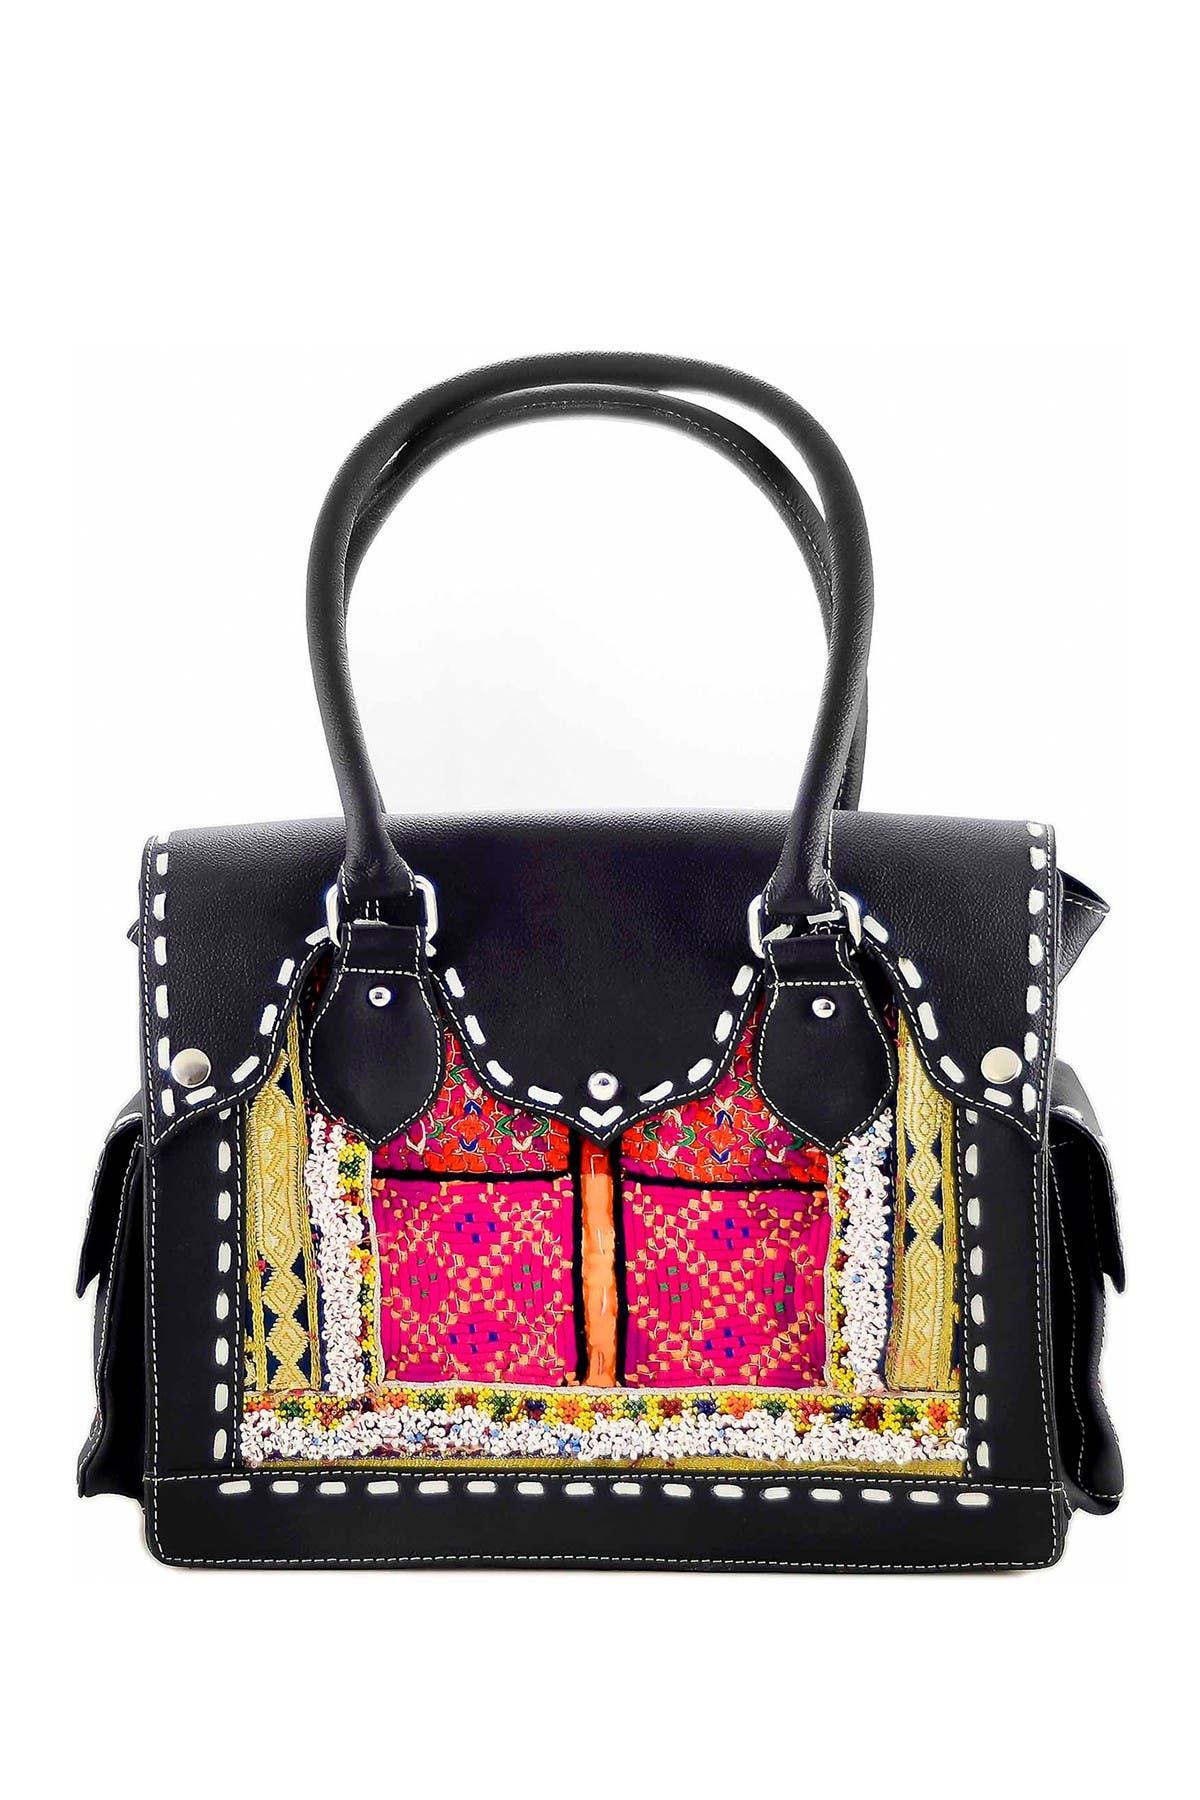 Image of Vintage Addiction Leather & Vintage Fabric Shoulder Bag